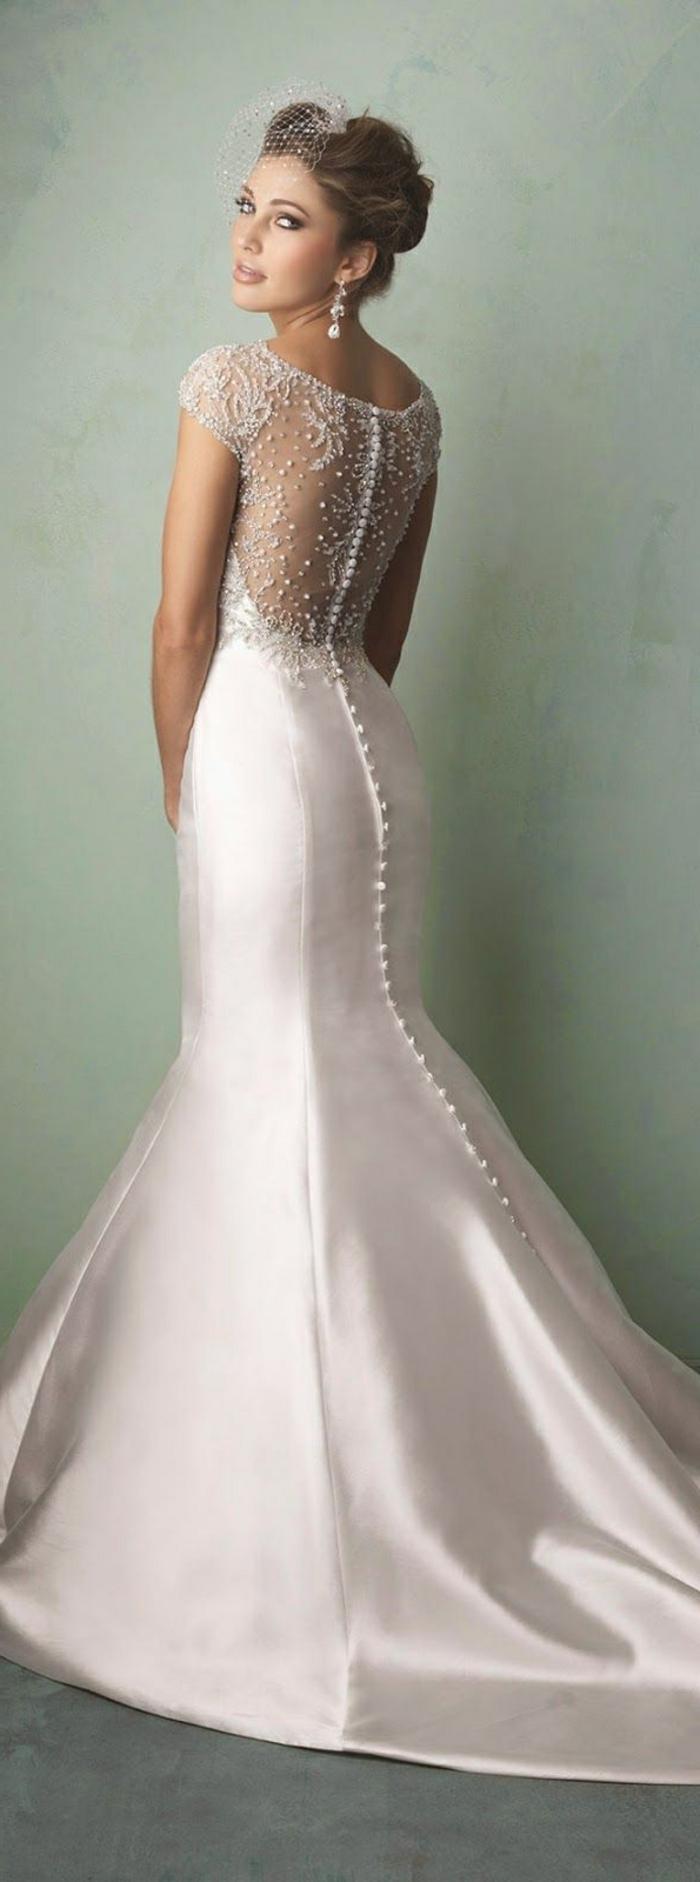 robe sirène dentelle, robe mariée fourreau, buste transparent en dentelle délicate fine, épaules dénudées, petits boutons tout au long de la robe